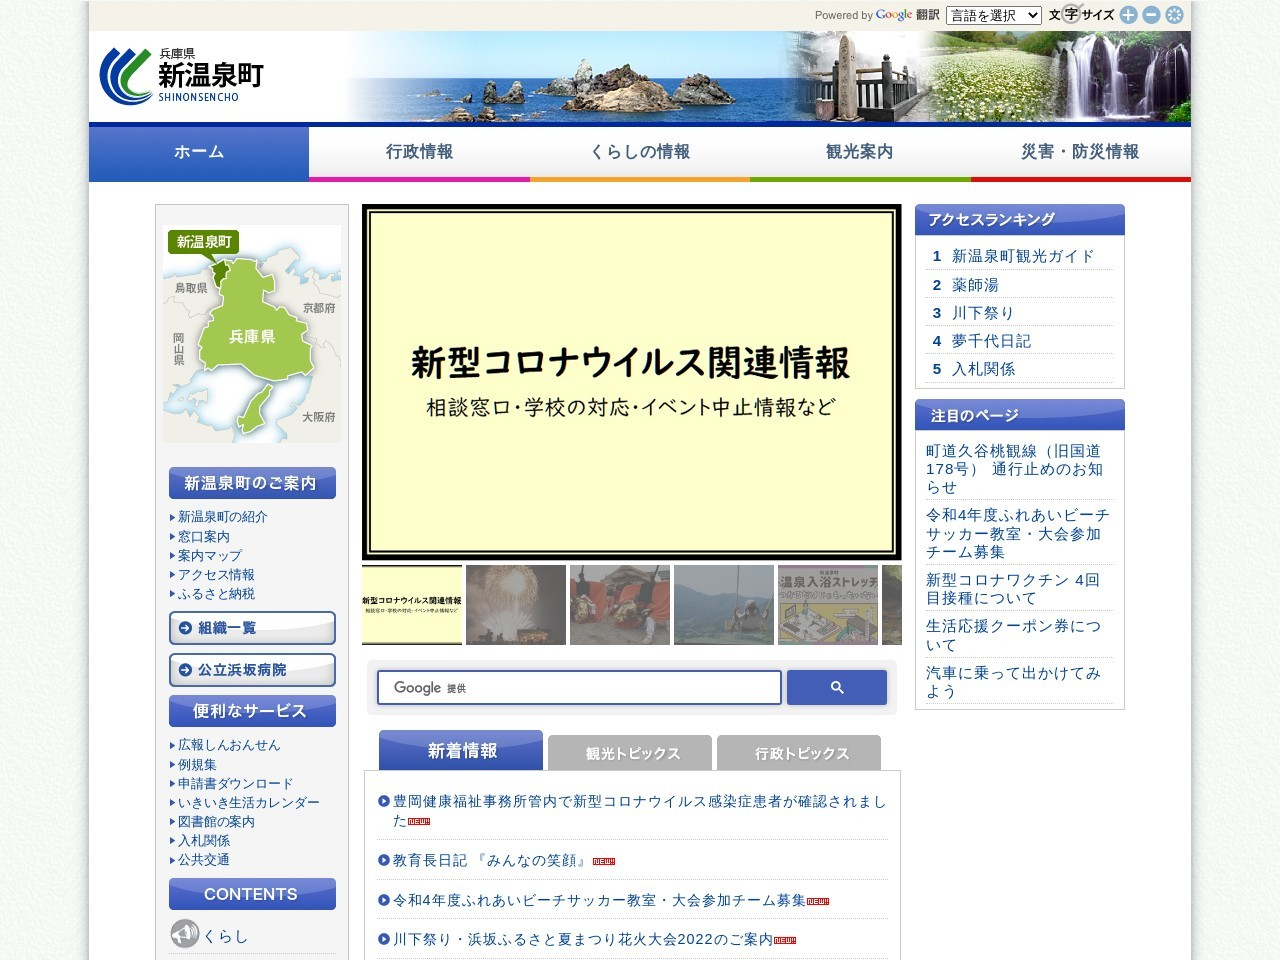 新温泉町役場/環境センター